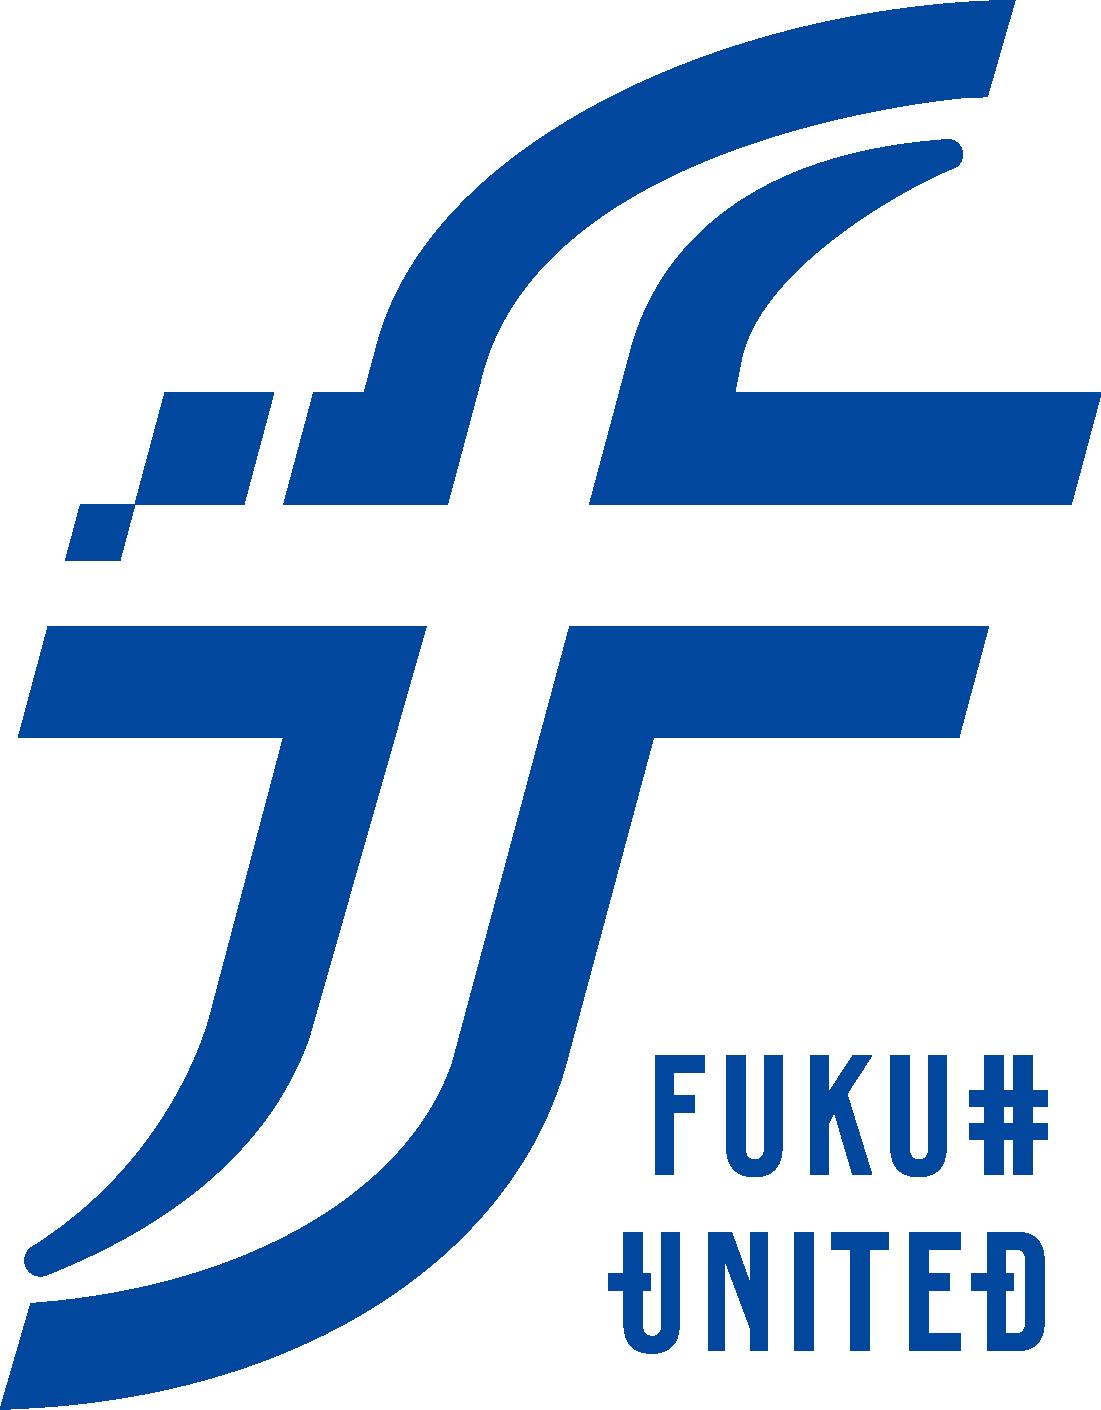 Fukui United FC